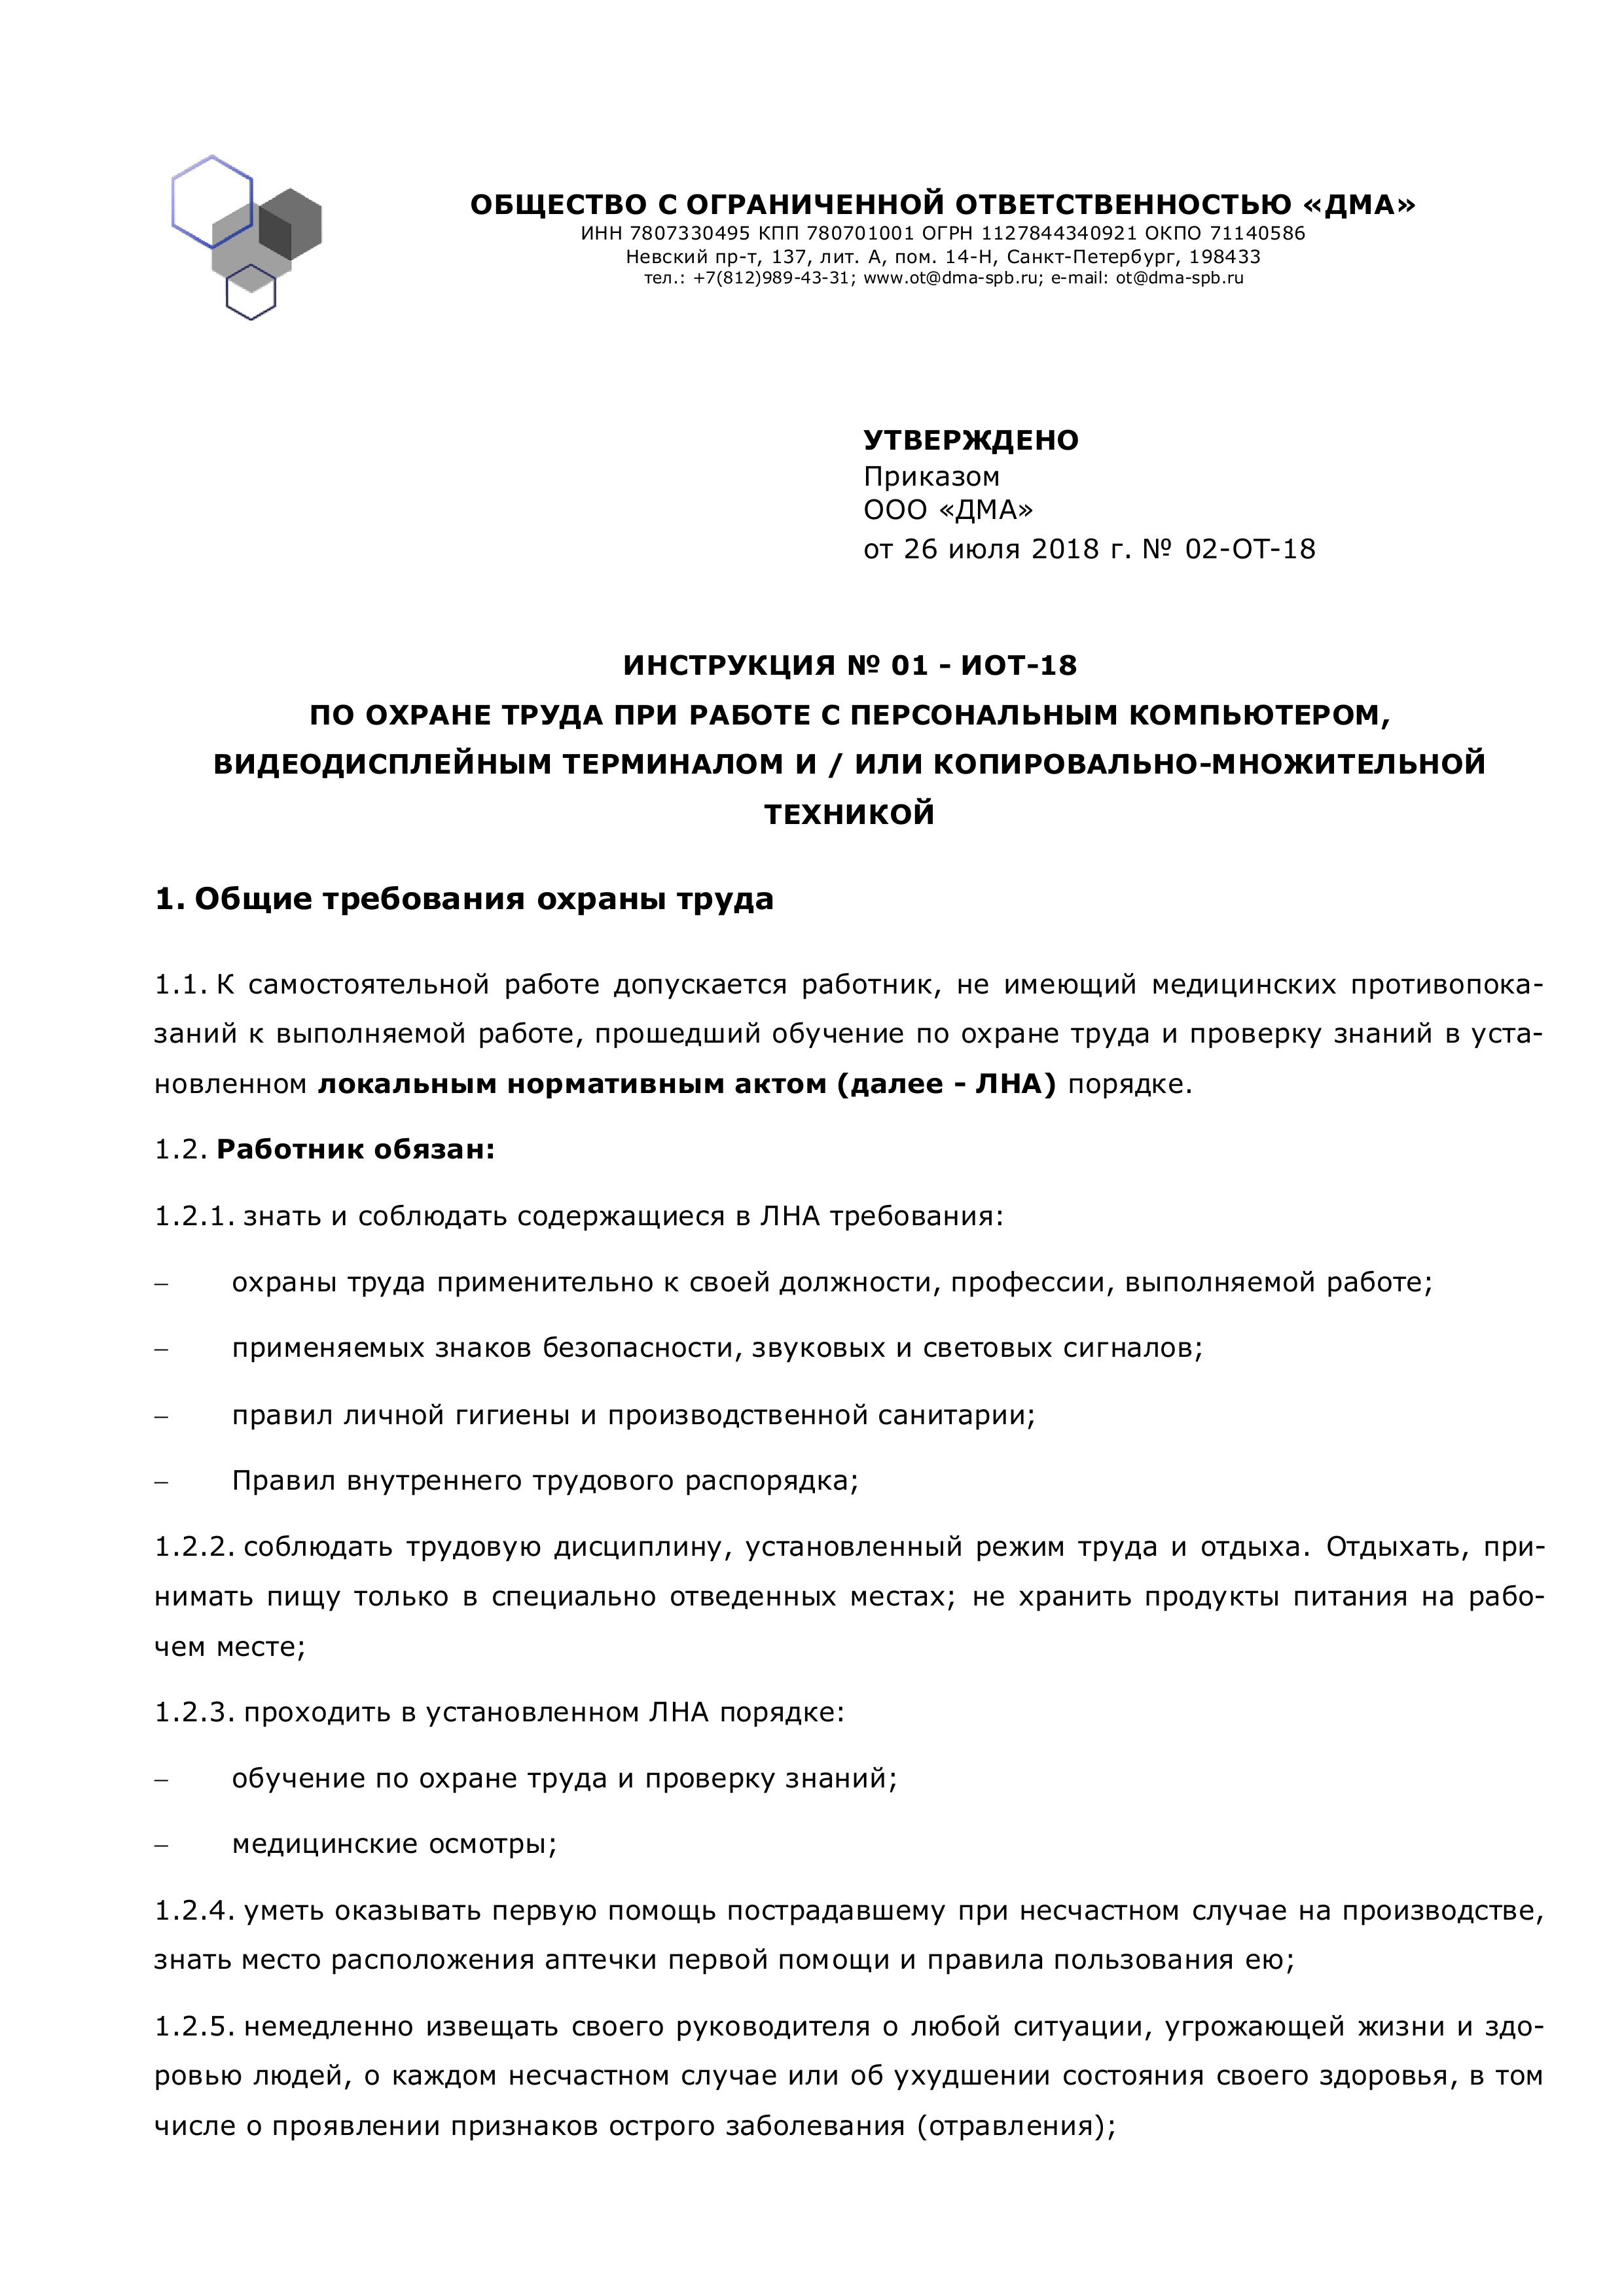 Инструкции по охране труда для монтажника технологических трубопроводов